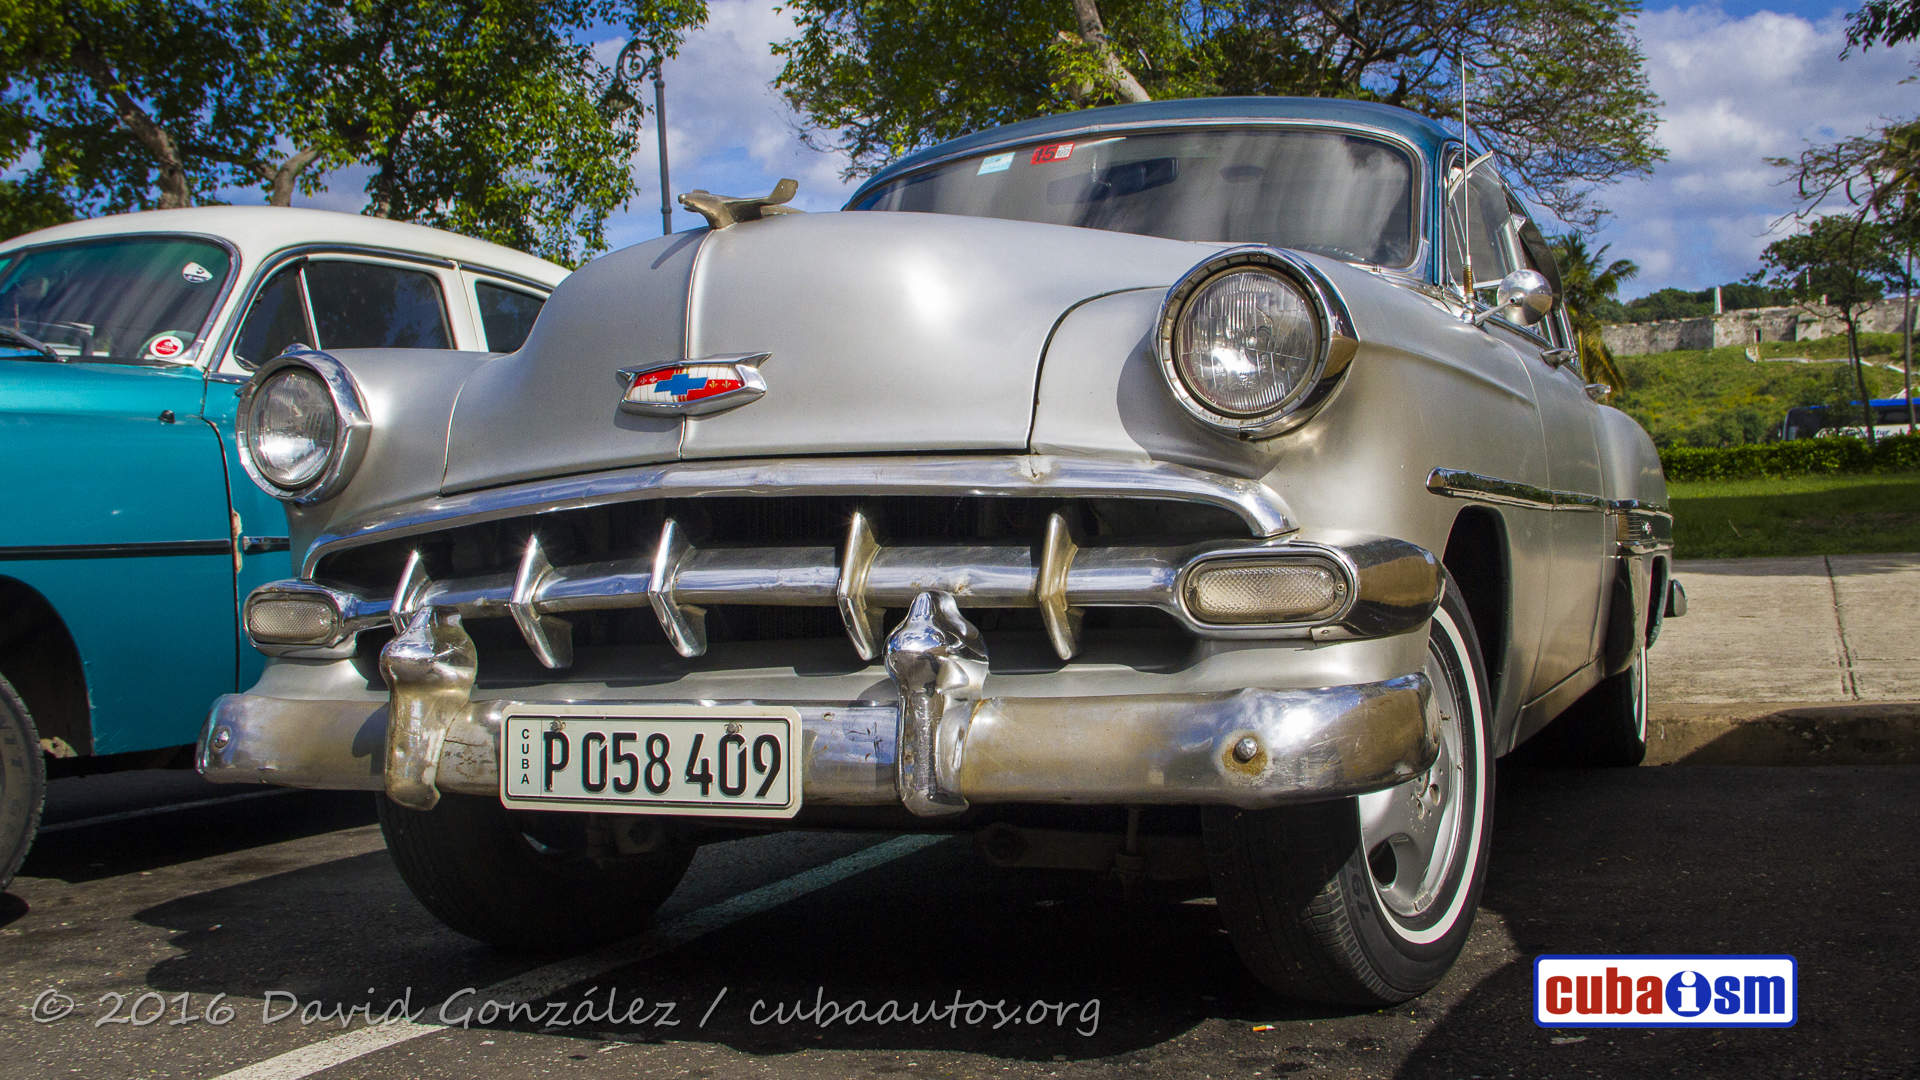 Chevrolet Cars In Cuba Bel Air 4 Door Hard Top From 1954 Autos Org